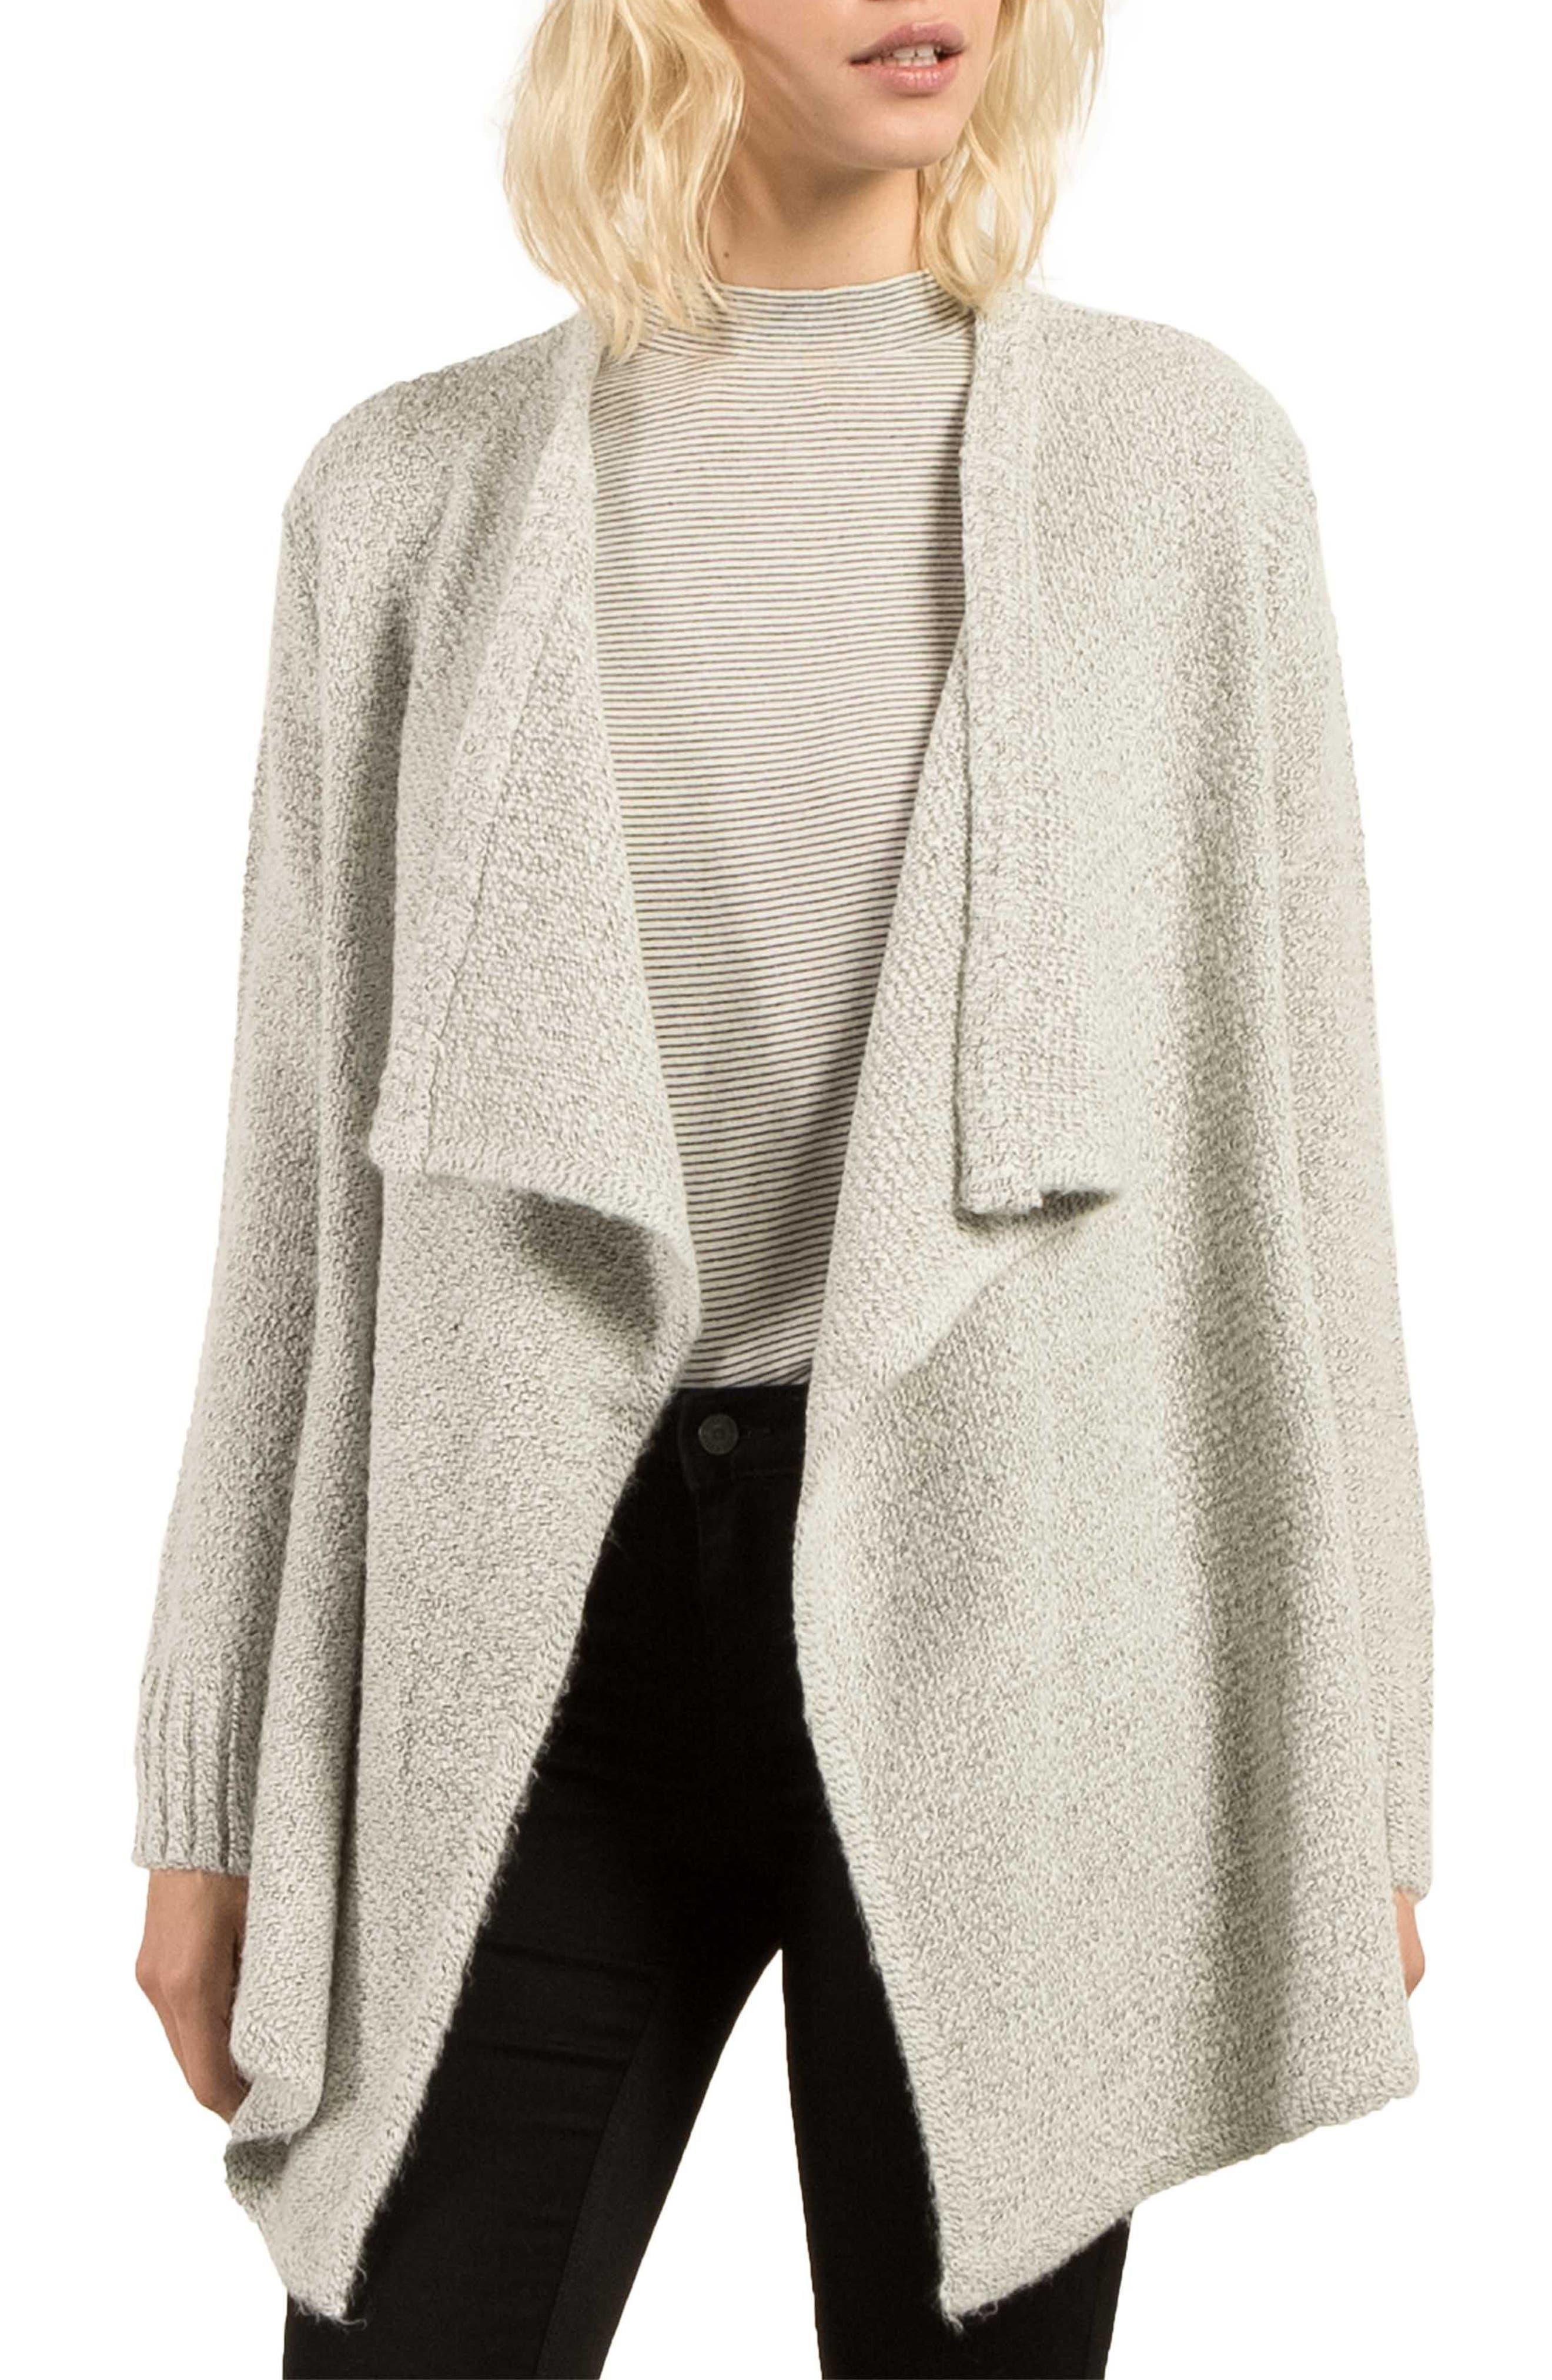 Main Image - Volcom Cold Daze Wrap Sweater